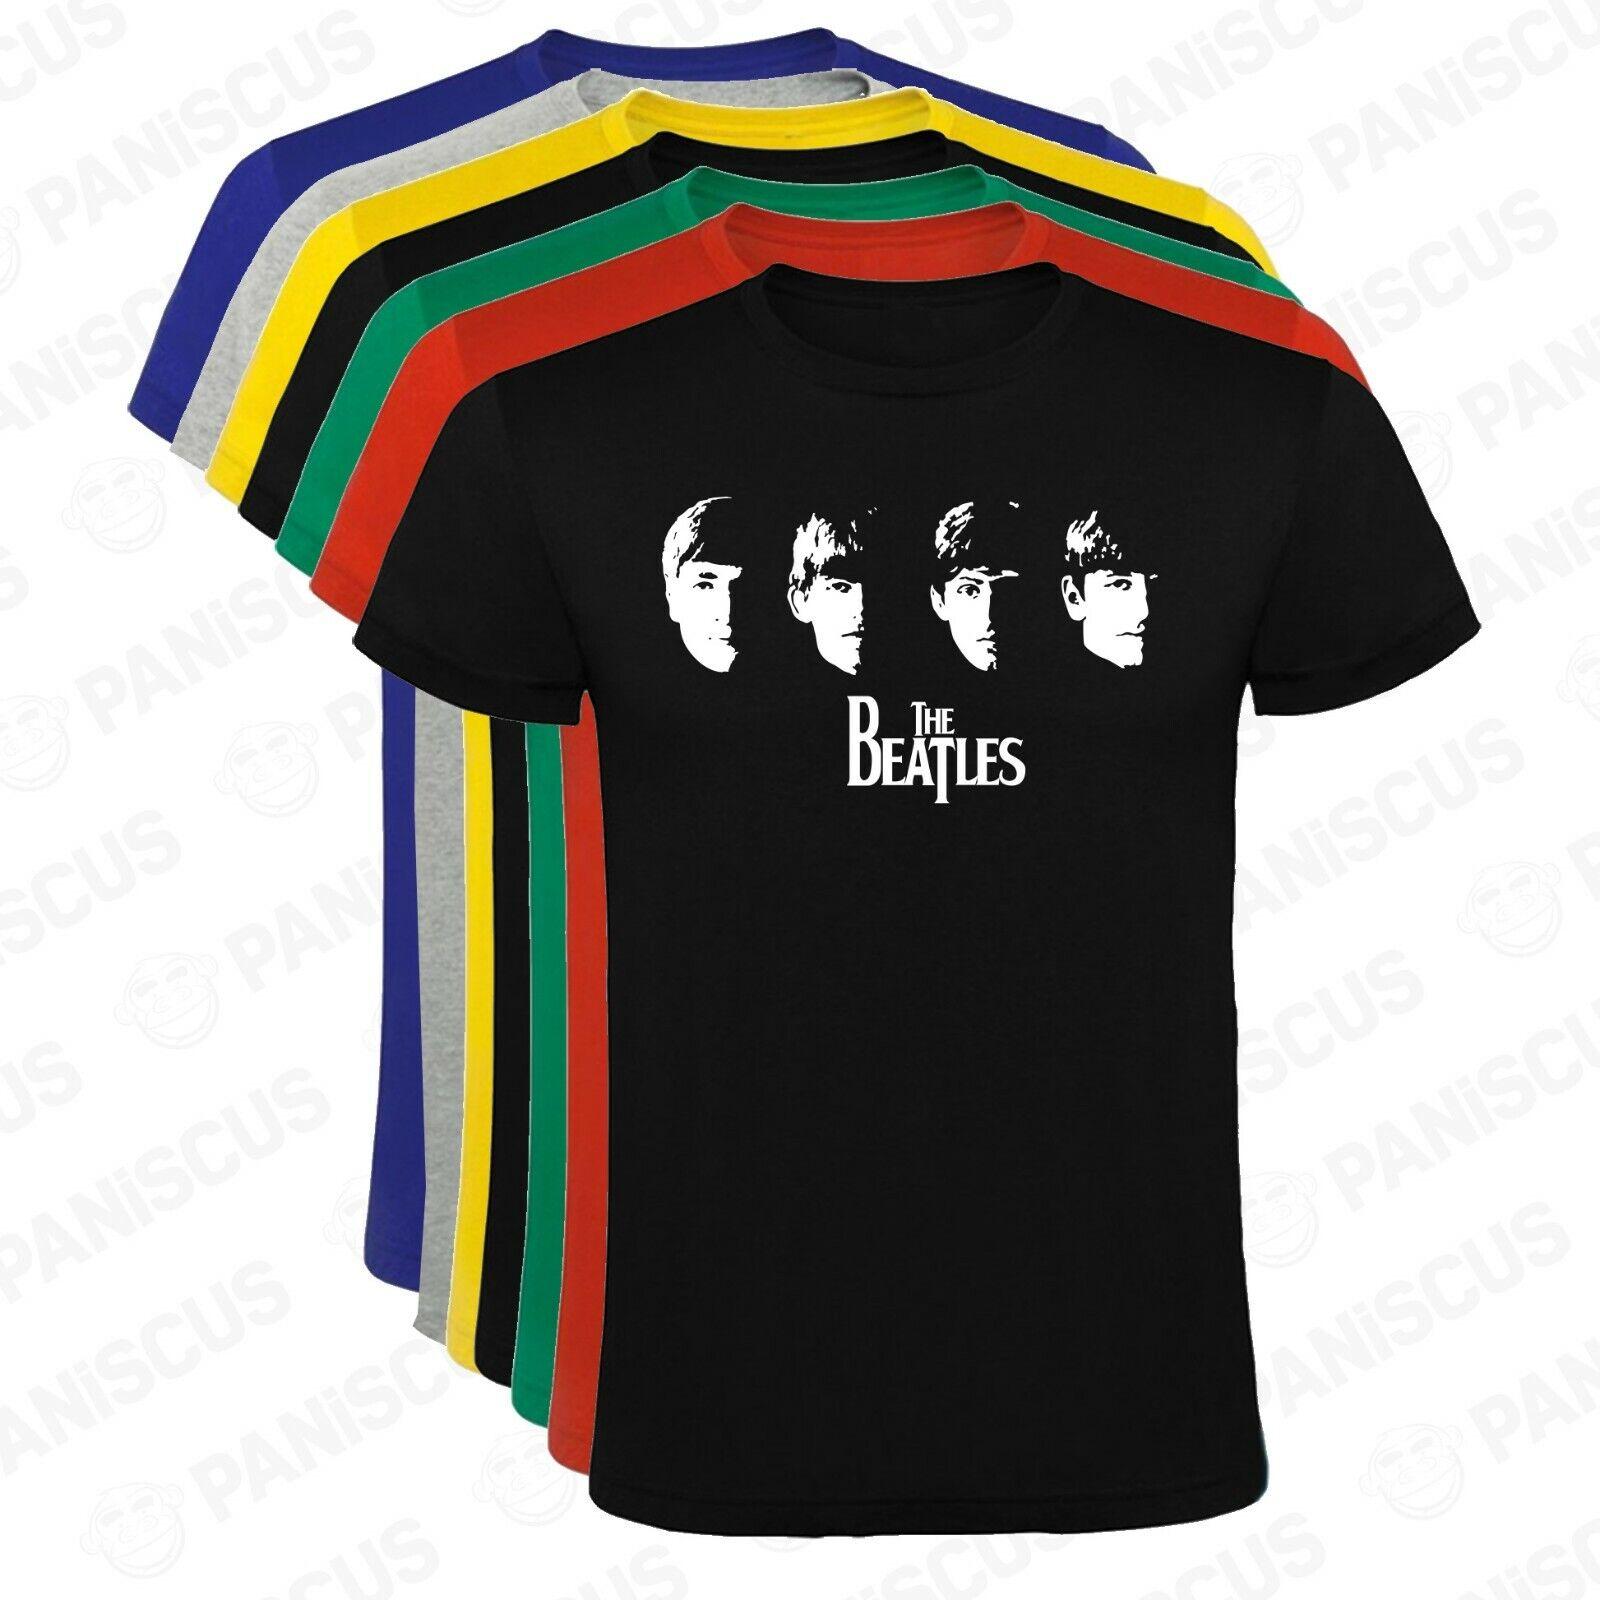 Camiseta hombre The Beatles caras tallas y colores